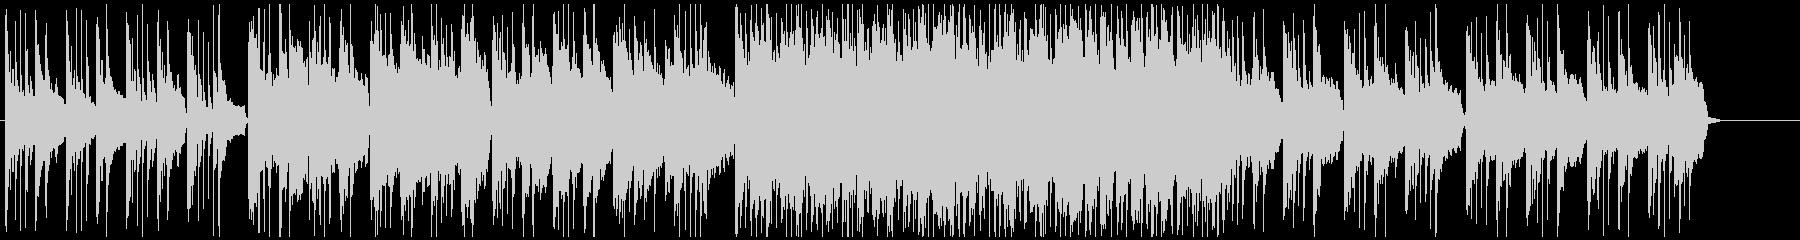 ケルト風の牧歌的なBGMの未再生の波形